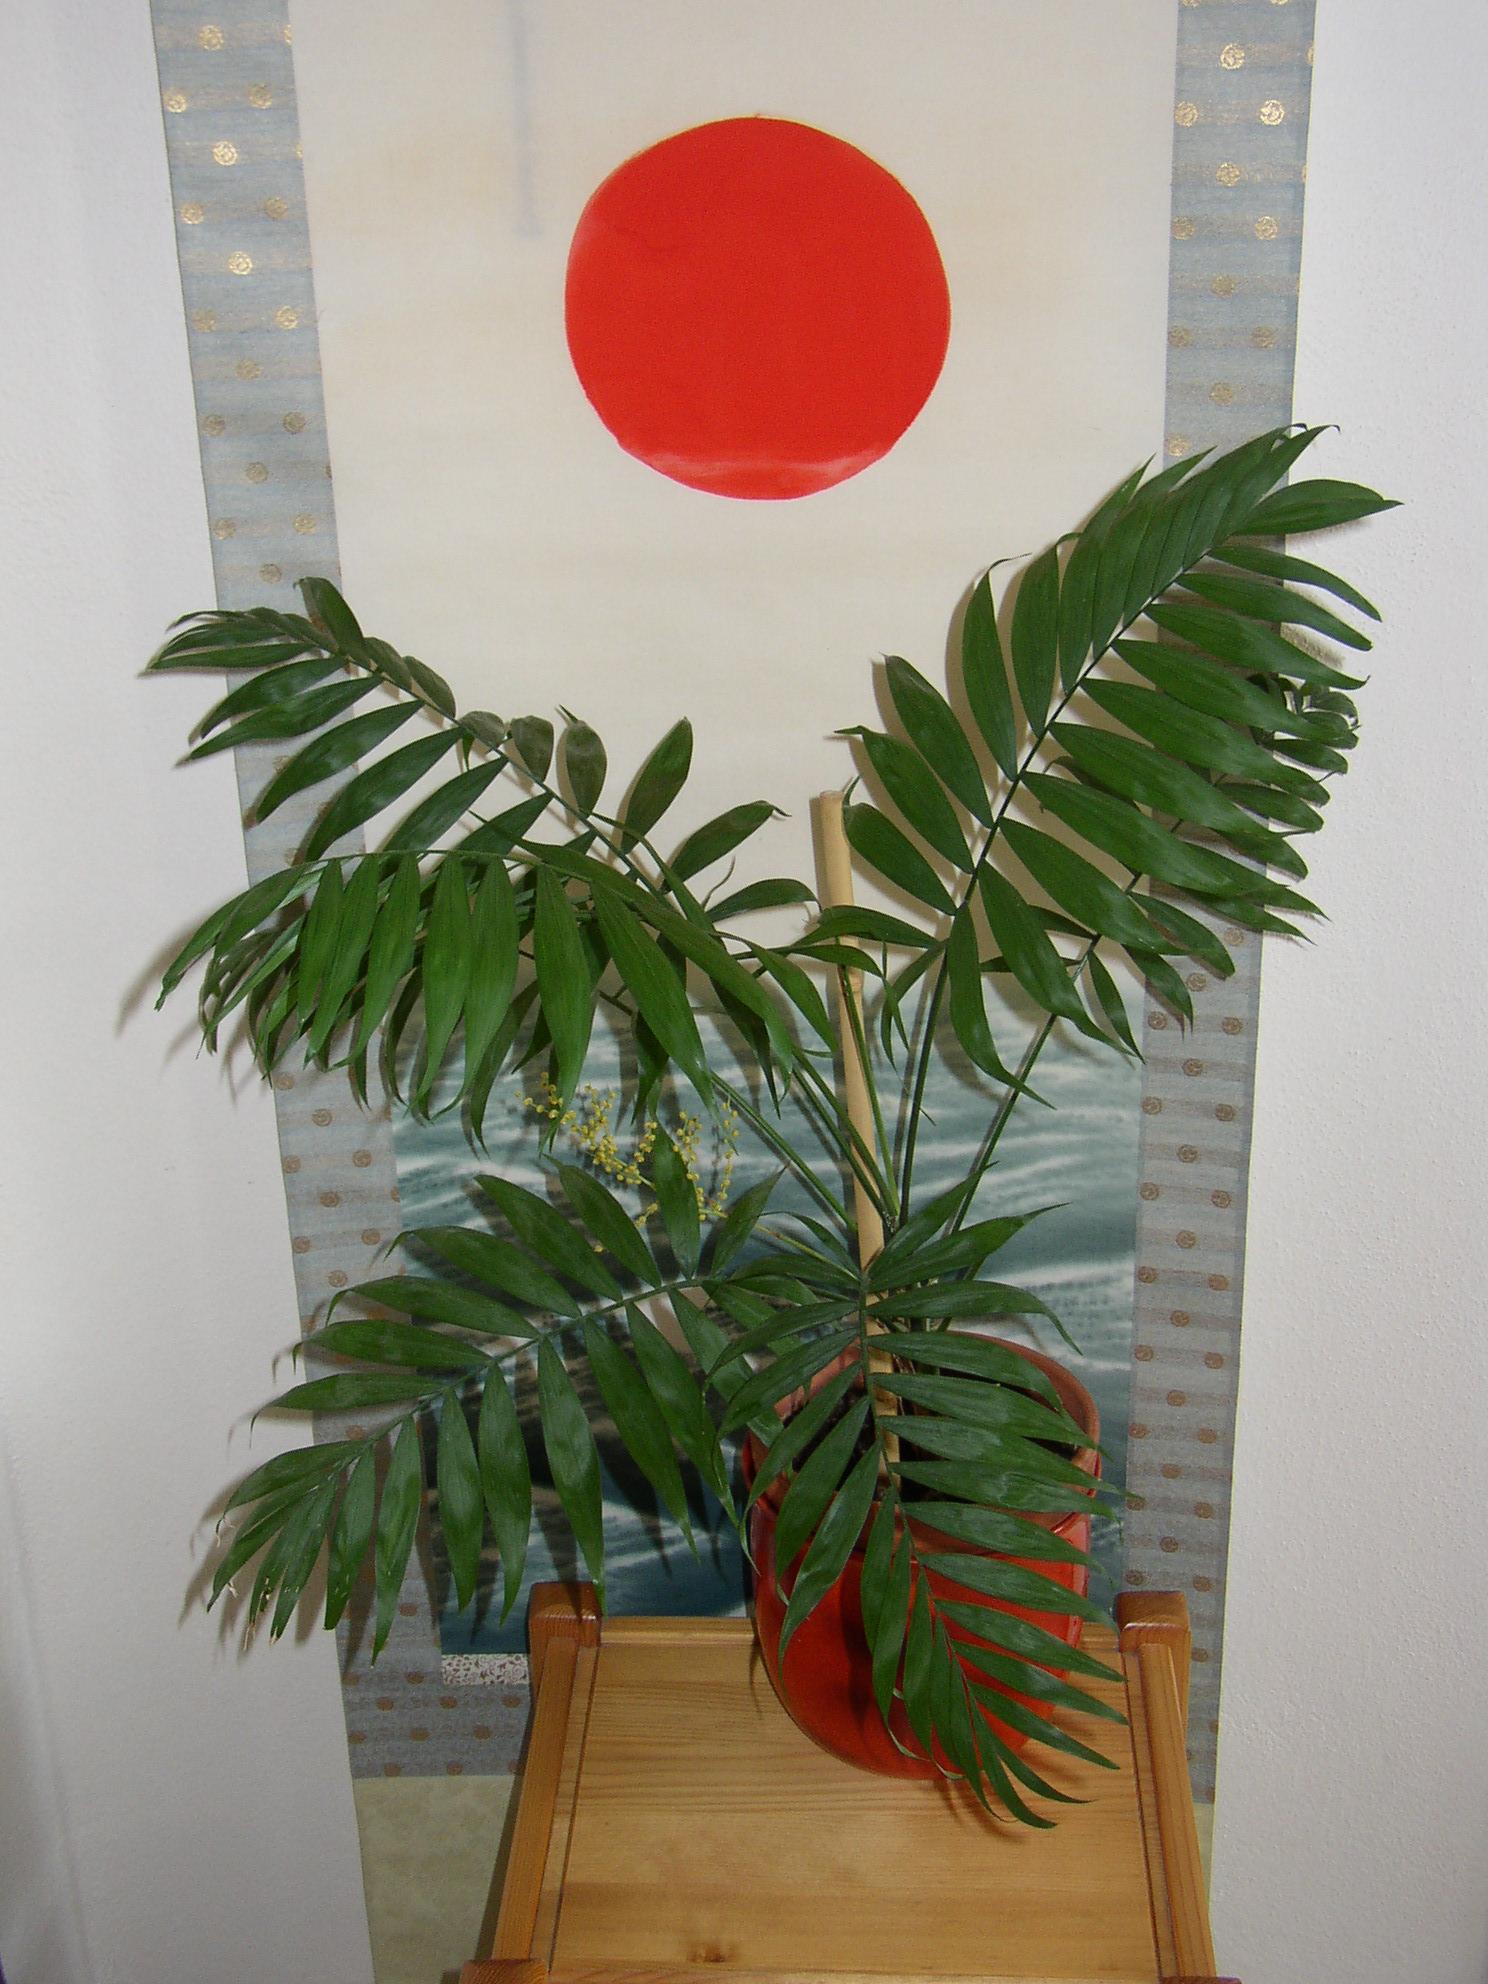 Pokojové rostliny - pokojové rostliny palma horská